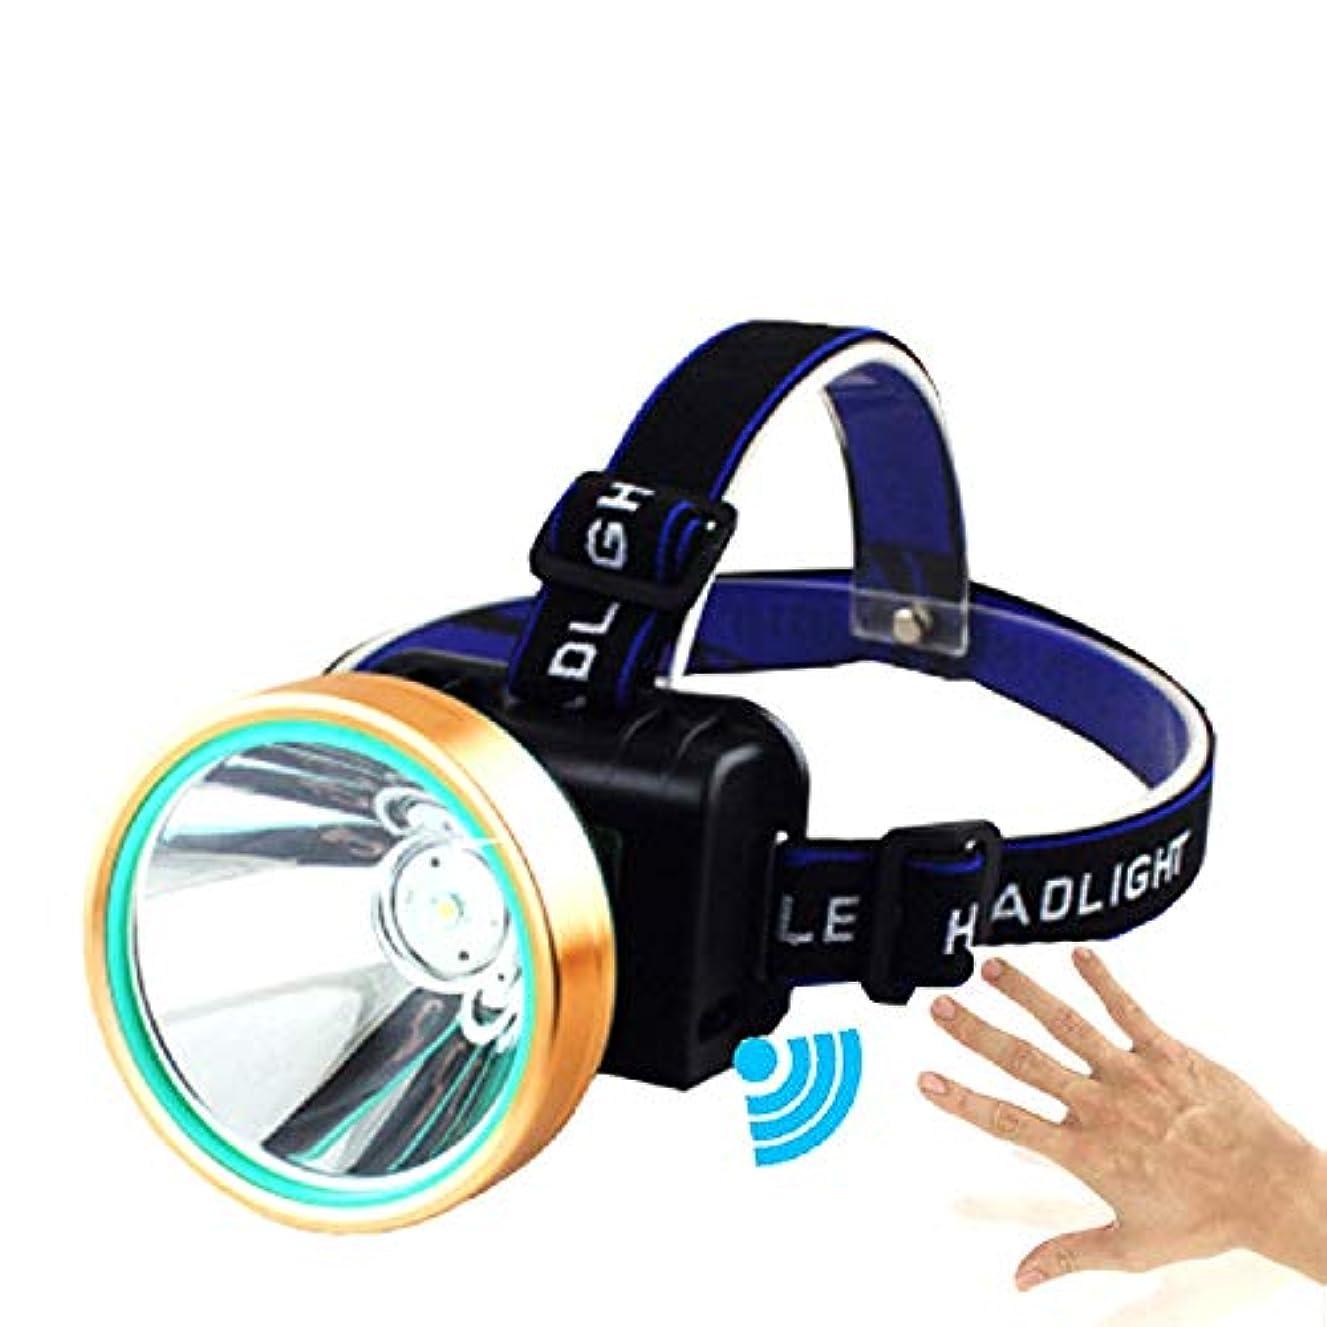 移植先にHappyGo ヘッドライト USB充電式 LEDヘッドランプ 2500ルーメン ftc スポットライト 1500m照明距離 IPX5防水 センサースイッチ 3つの照明モード リチウム電池付属(24時間使用できる) 屋外釣り用 防災